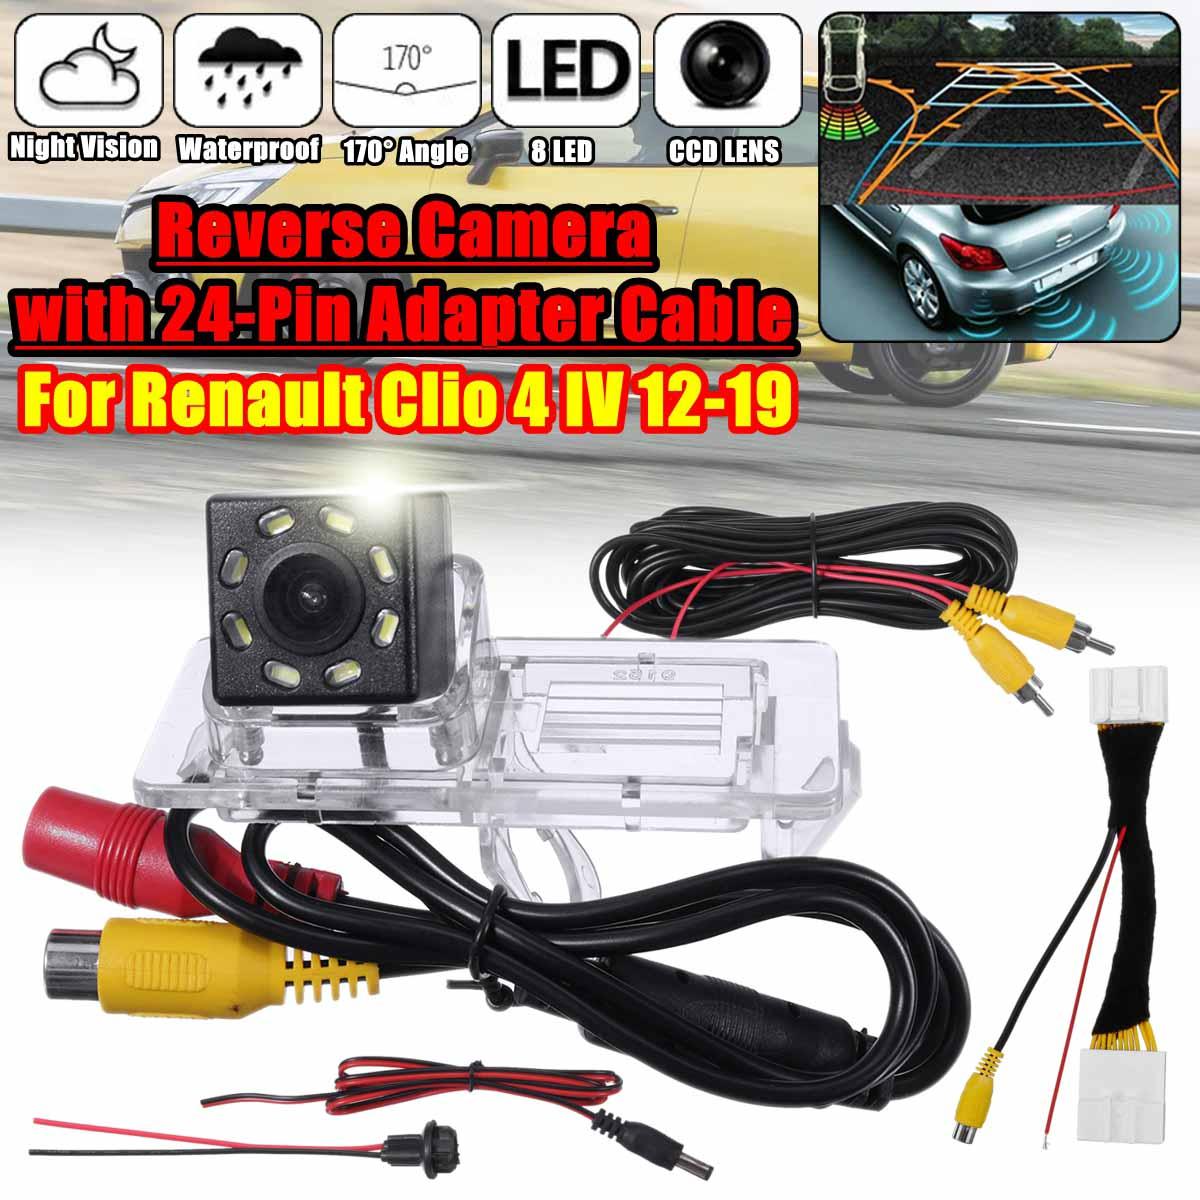 Автомобильная камера заднего вида для Renault Clio 4 IV 2012-2019 HD ночного видения RCA с 24-контактным адаптерным кабелем